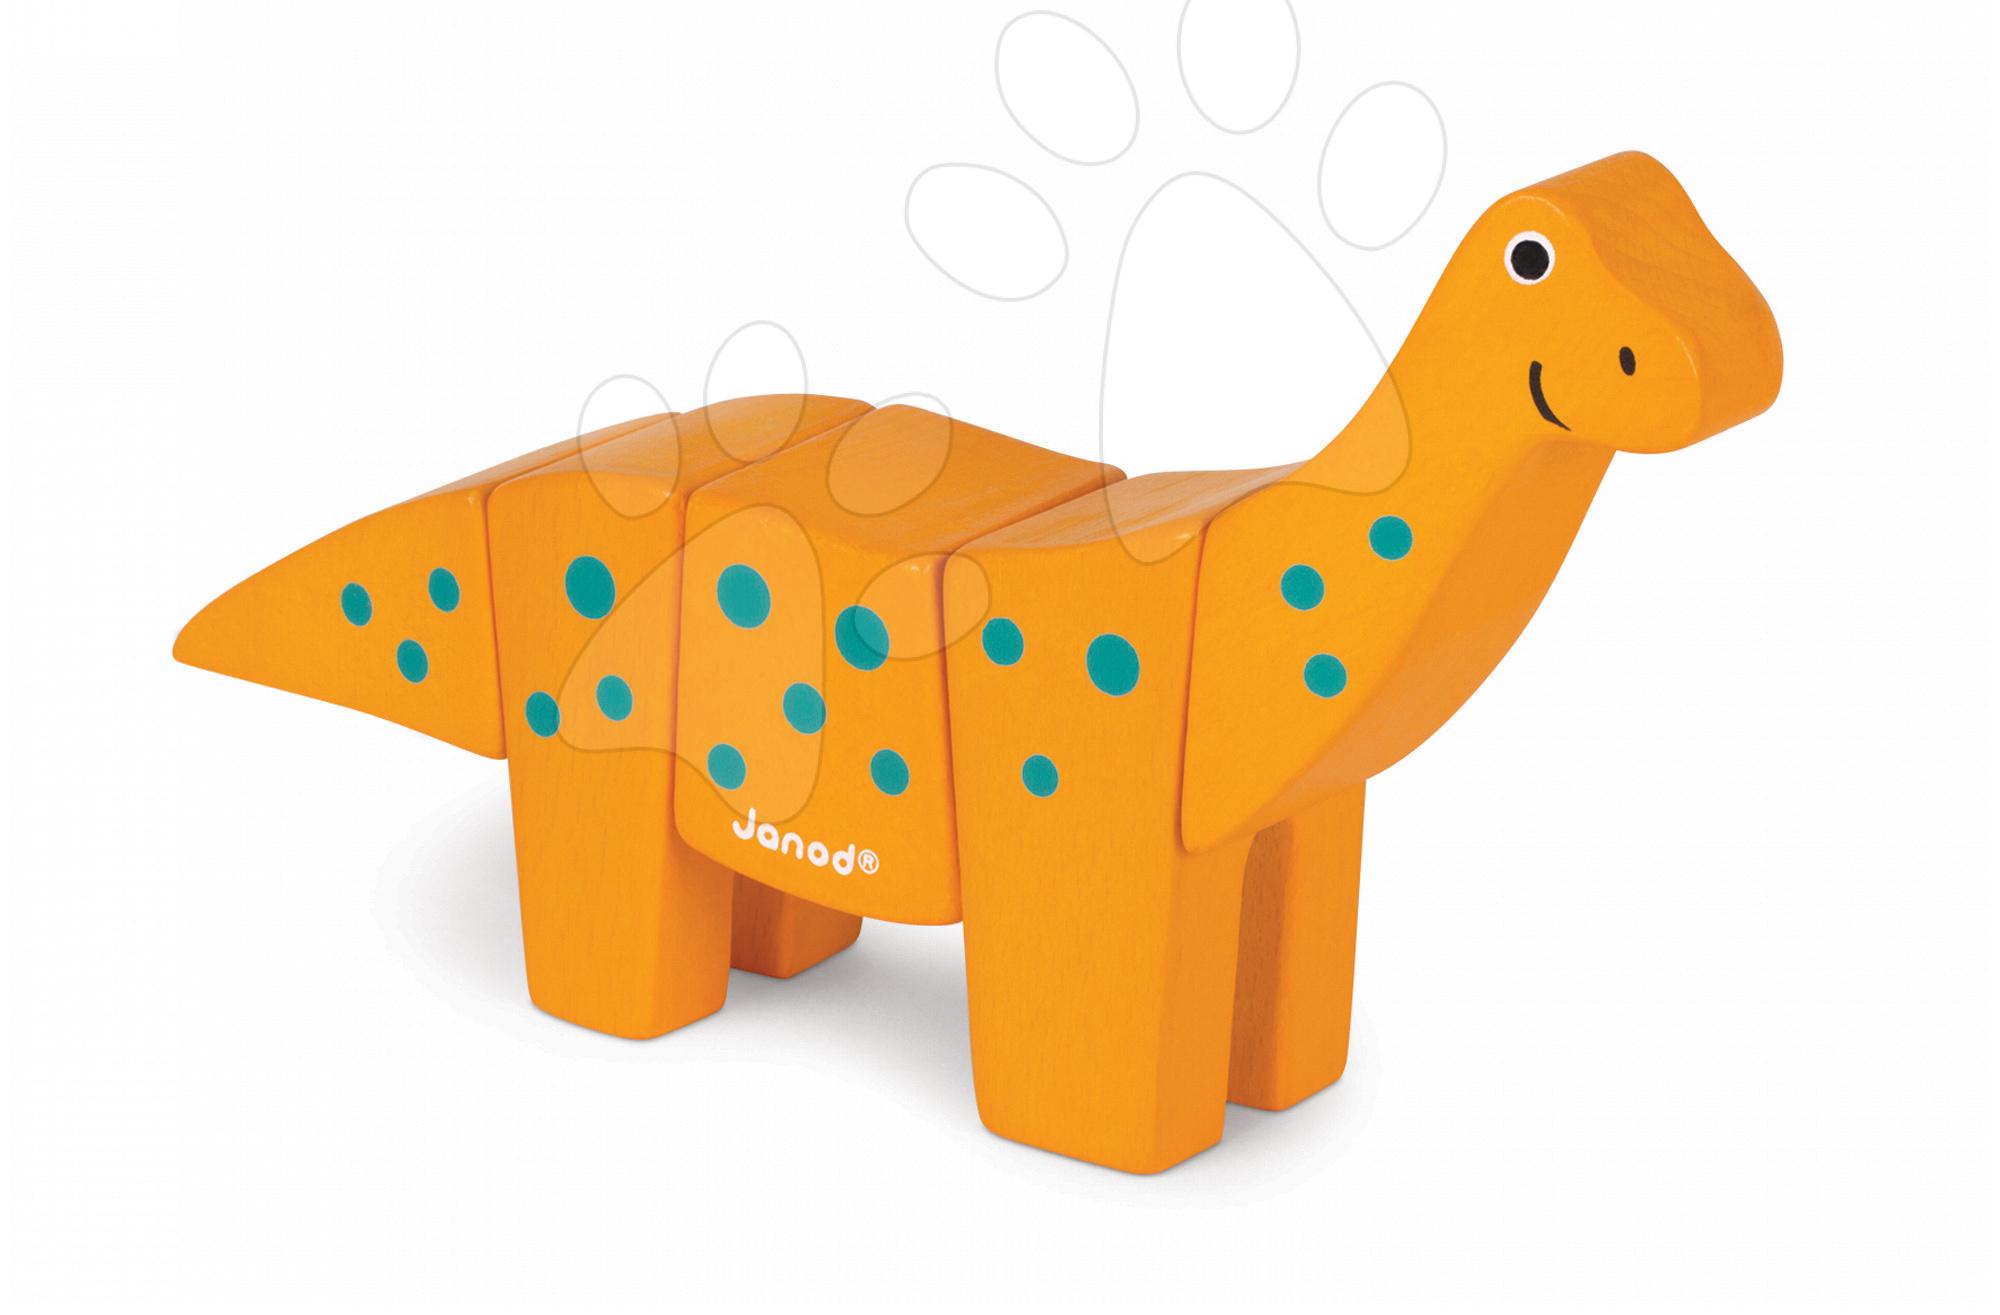 Drevené hračky pre najmenších - Drevené zvieratko Dino Brachiosaurus Janod skladacie 5 dielov od 24 mes